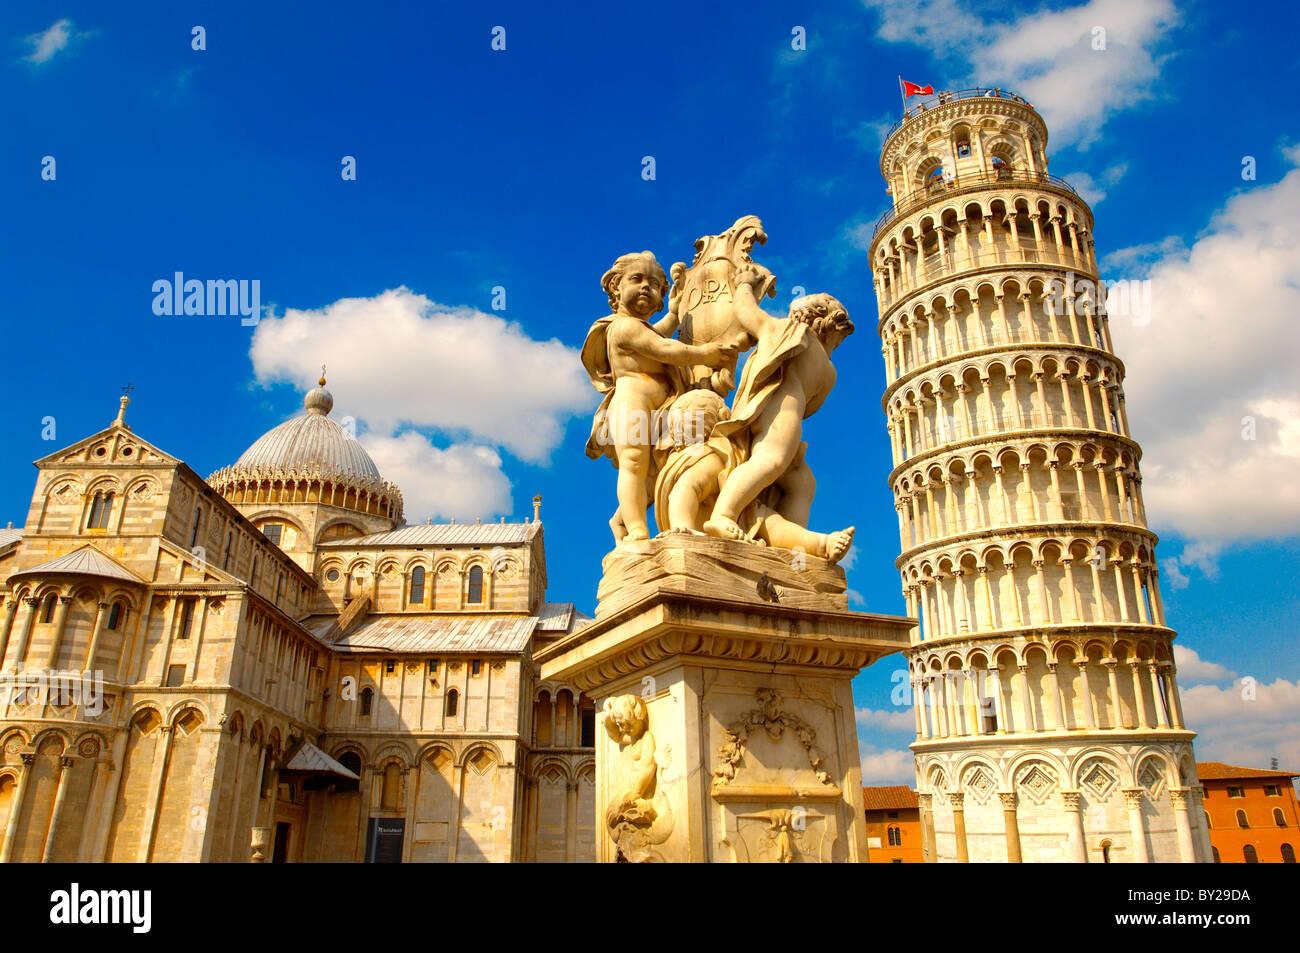 Catherderal e la Torre di Pisa - Piazza dei Miracoli - Pisa - Italia Immagini Stock